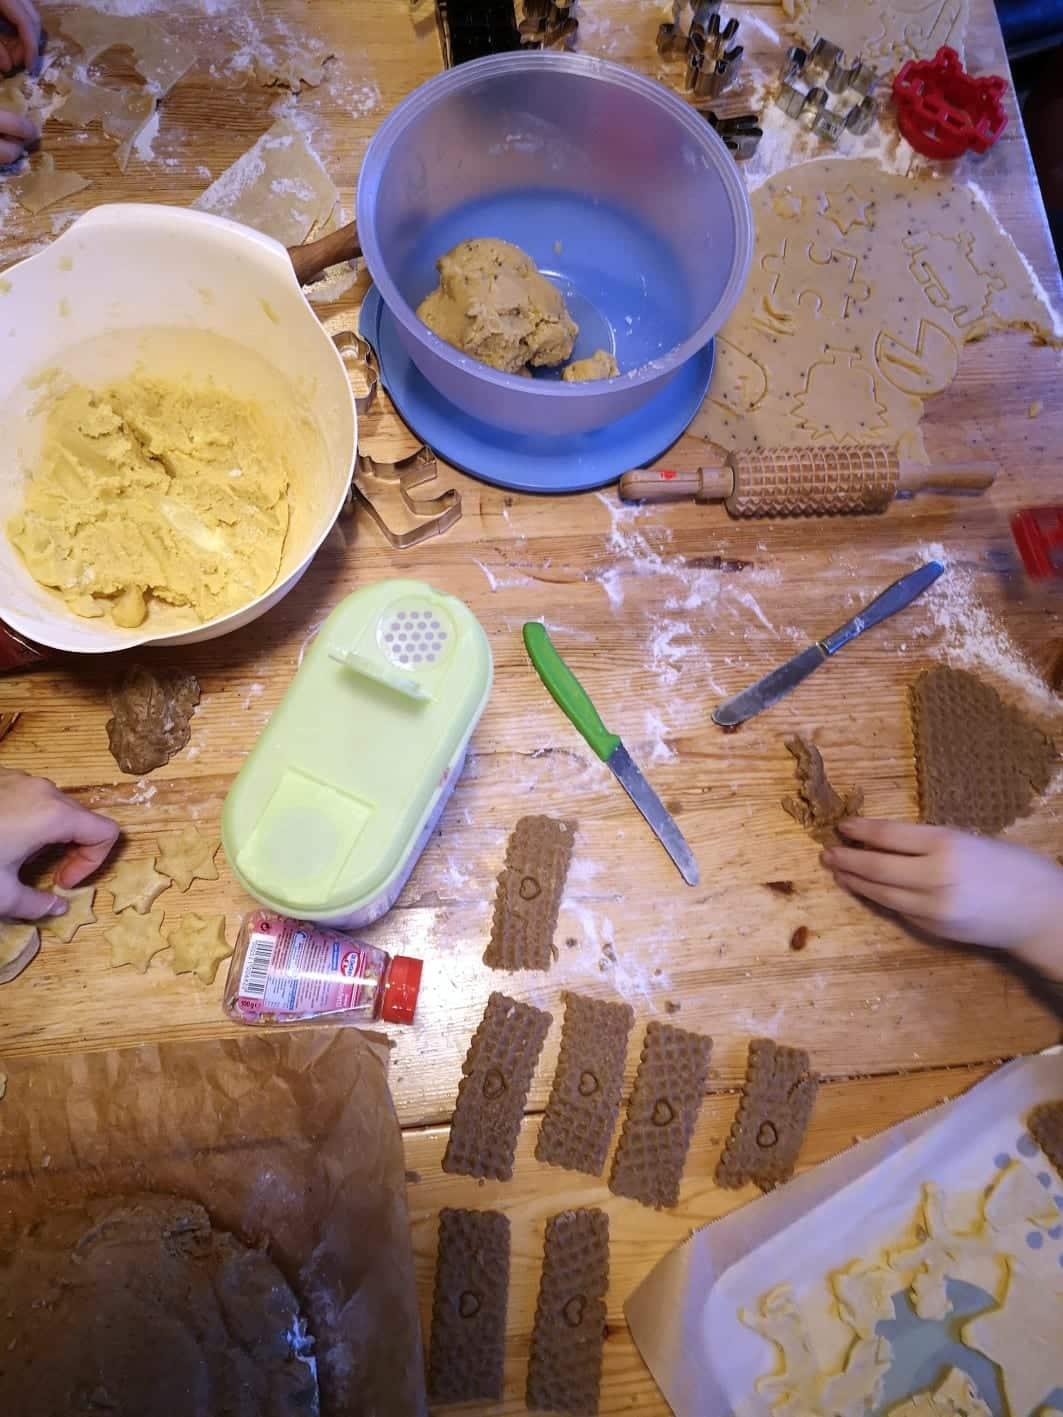 Mamablog_Familientreffen_grossekoepfe.de